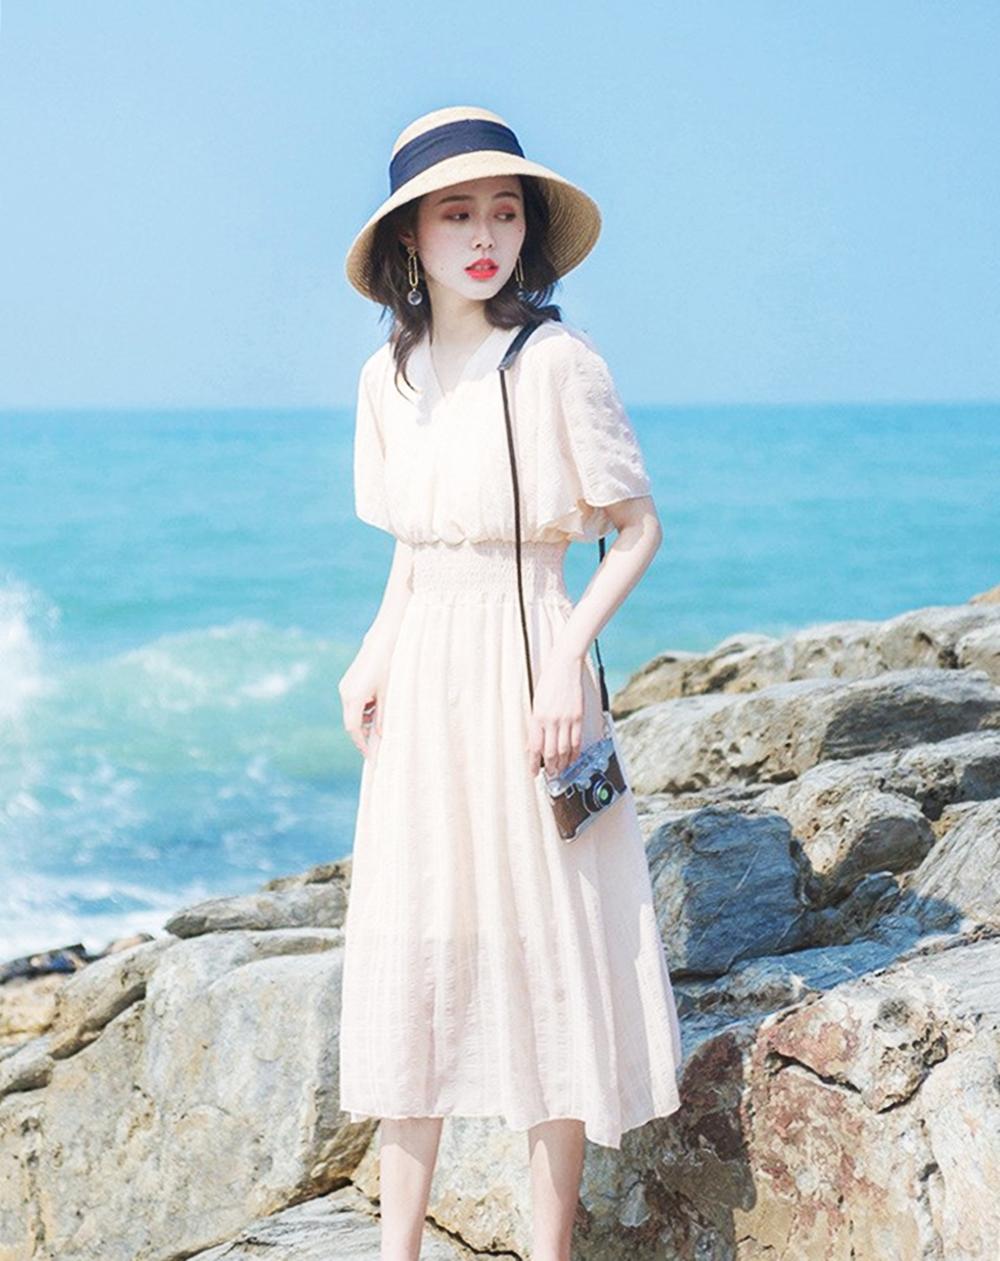 Váy retro thích hợp dạo phố, đi biển - 10